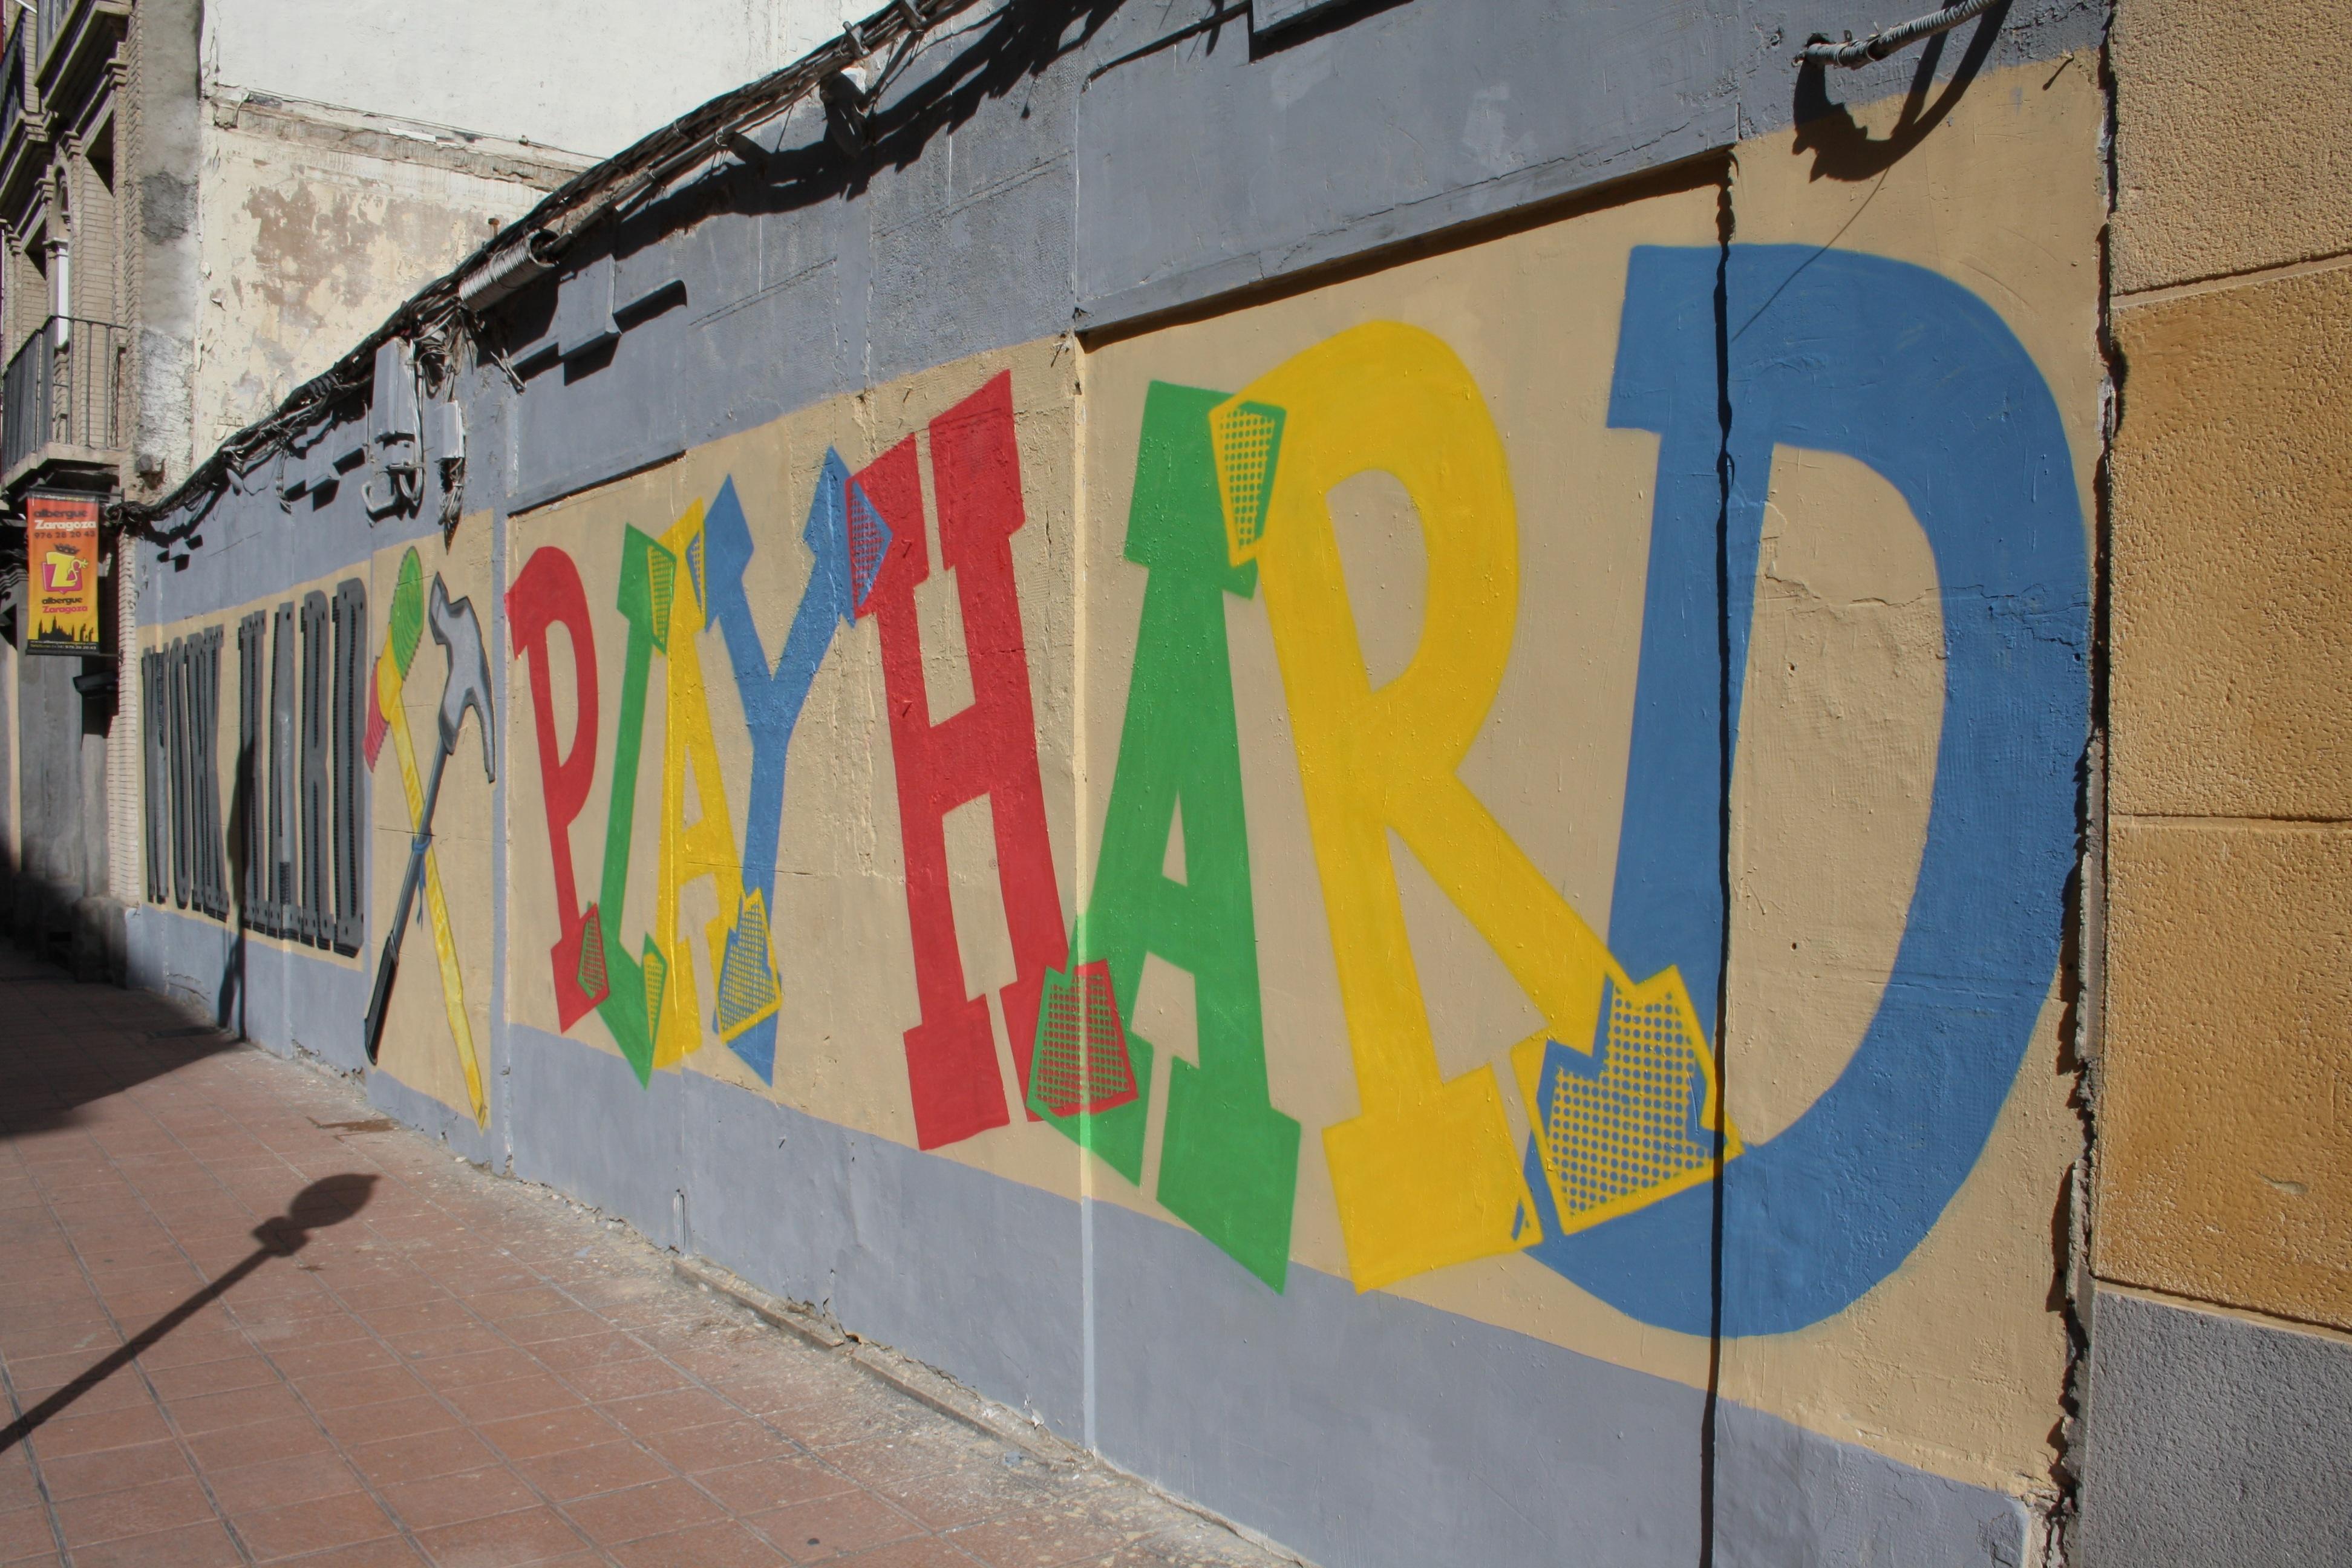 Road street wall color graffiti painting street art urban art art mural lyrics urban area